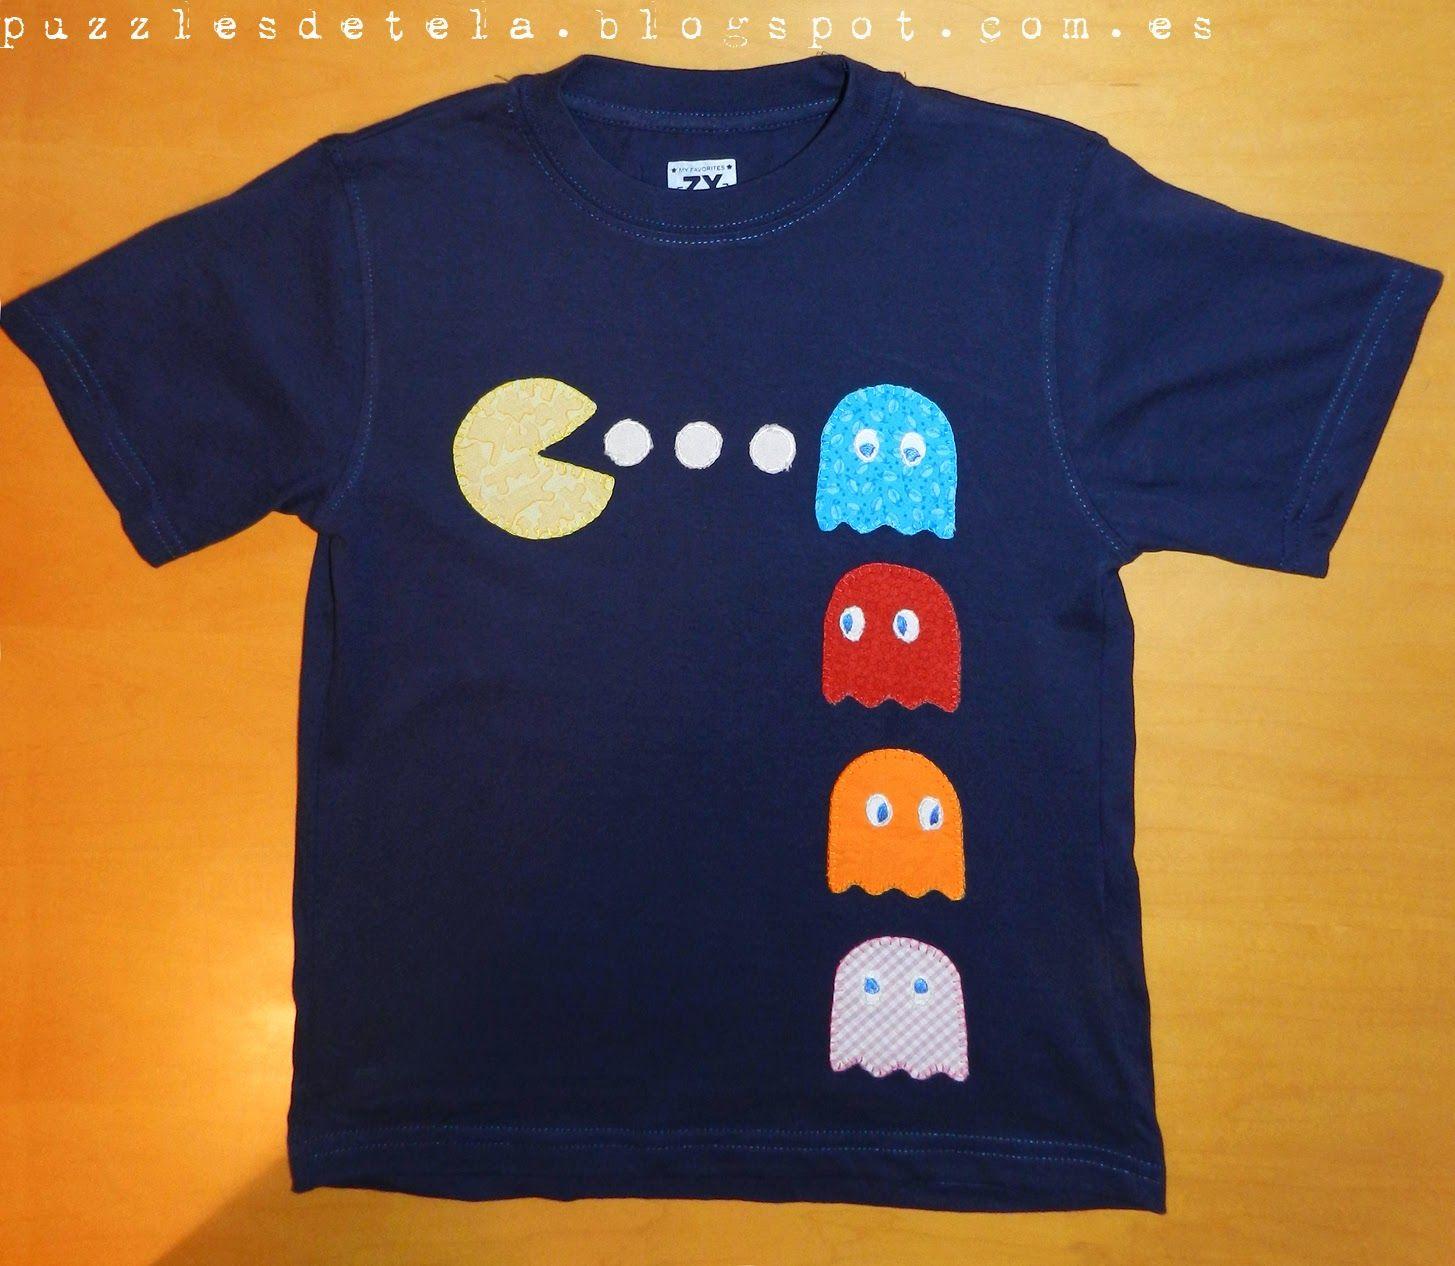 5c79c4872 esta camiseta la recortaremos de forma que los niños puedan pegarla  posteriormente en unos cartones en forma de marco